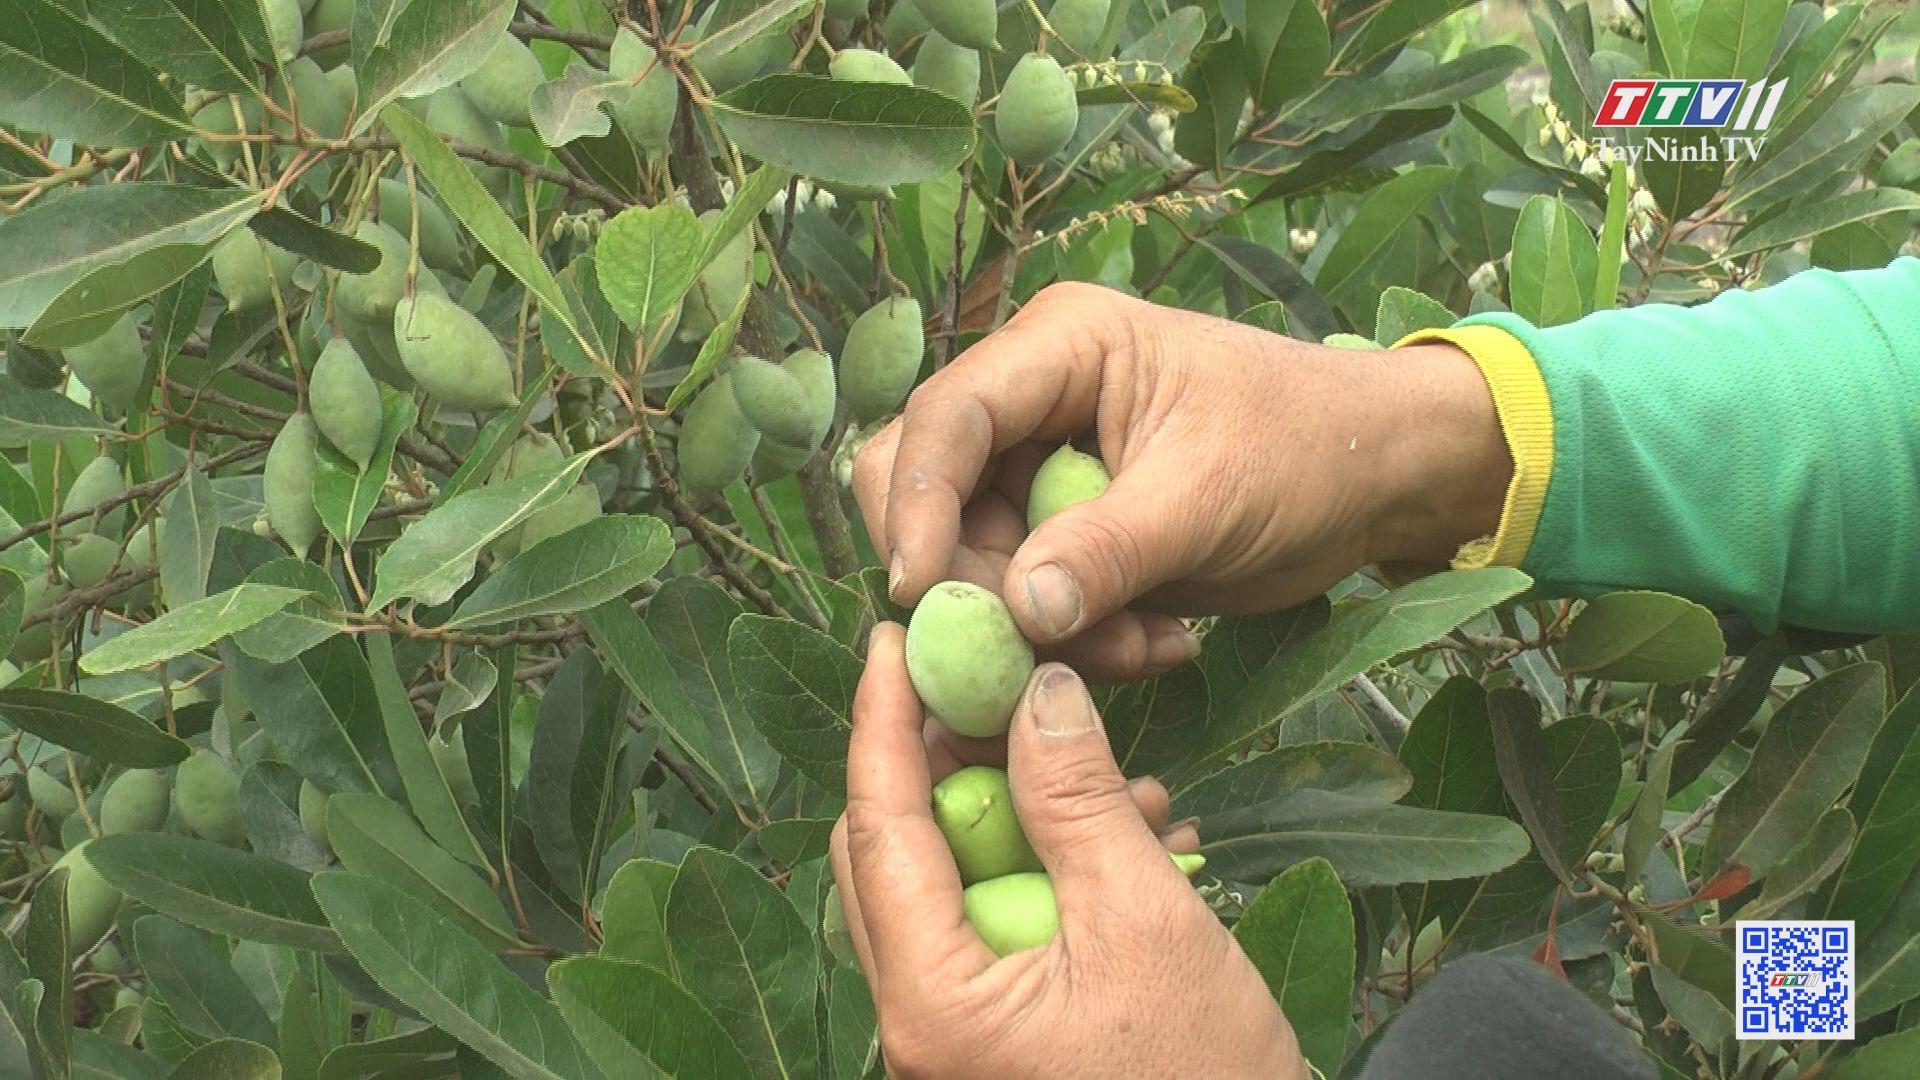 Hiệu quả mô hình trồng cà na Thái | NÔNG NGHIỆP TÂY NINH | TayNinhTV